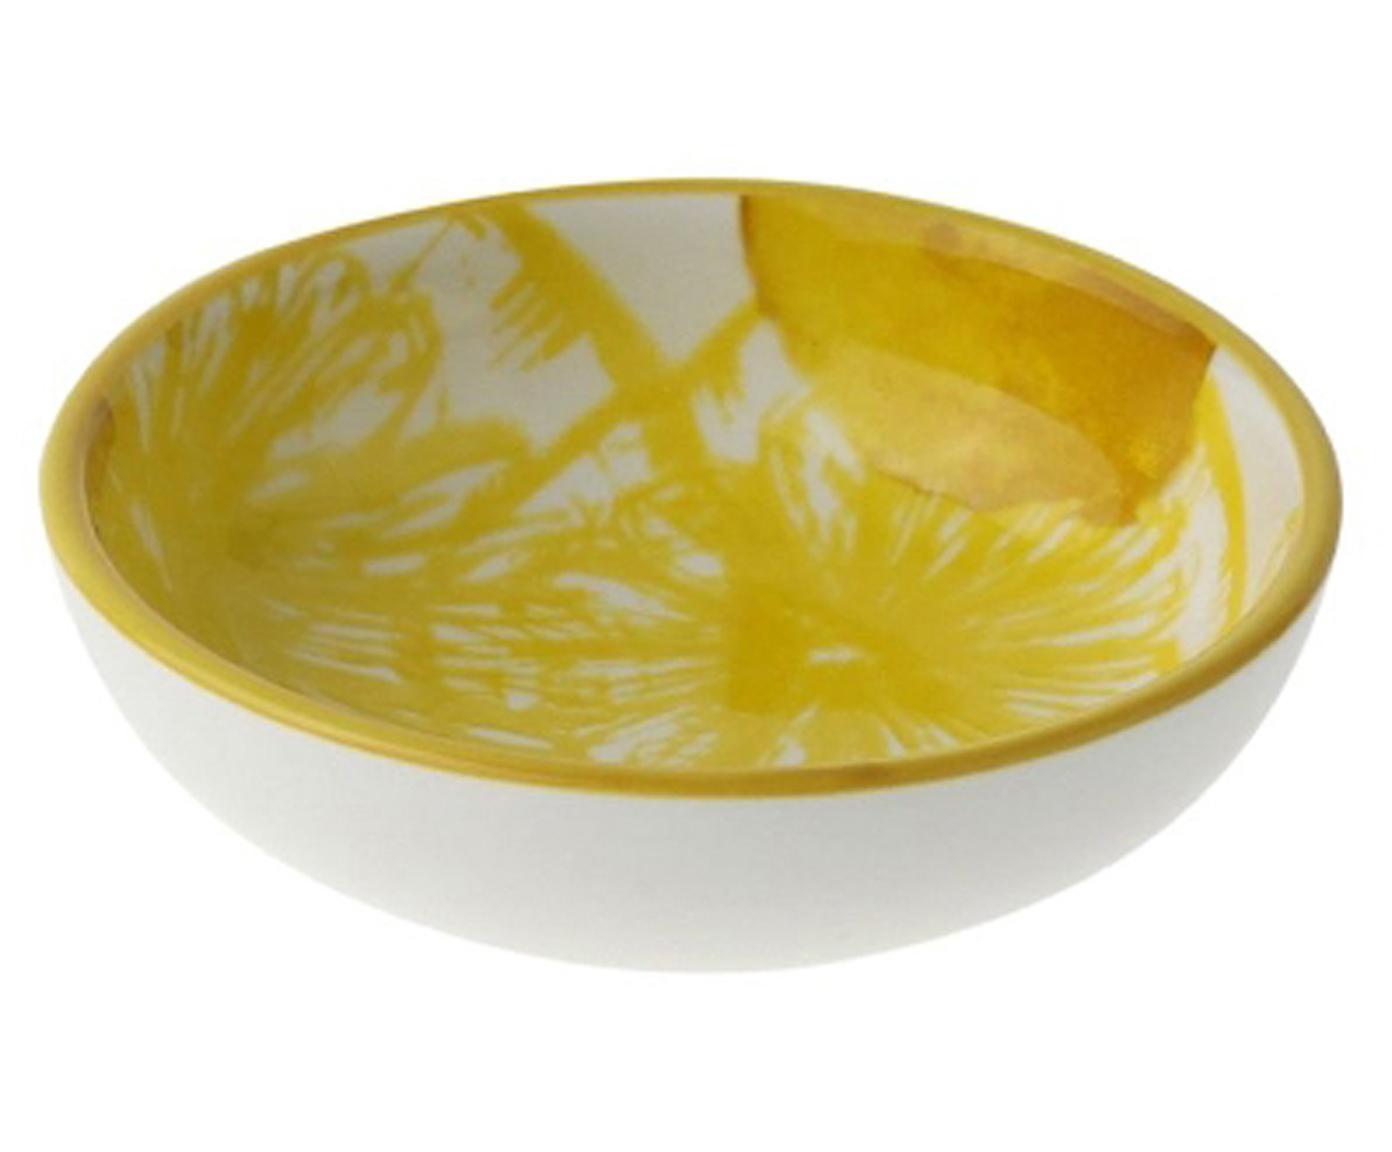 Ciotola Lemon, 2 pz., Porcellana, Bianco, giallo, Ø 9 x Alt. 3 cm